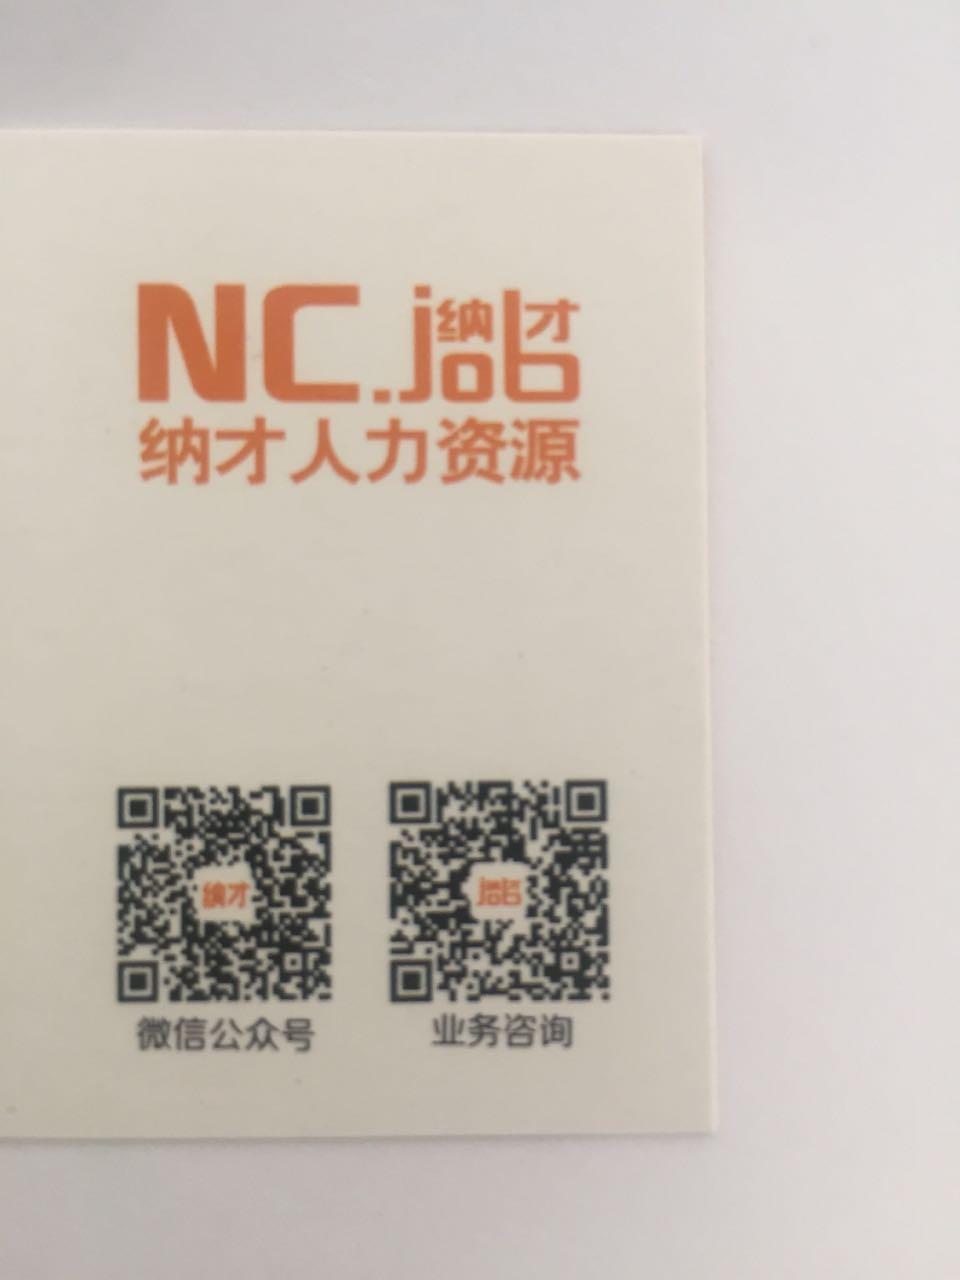 来自季剑瑛发布的招商投资信息:... - 义乌市纳才企业管理咨询有限公司